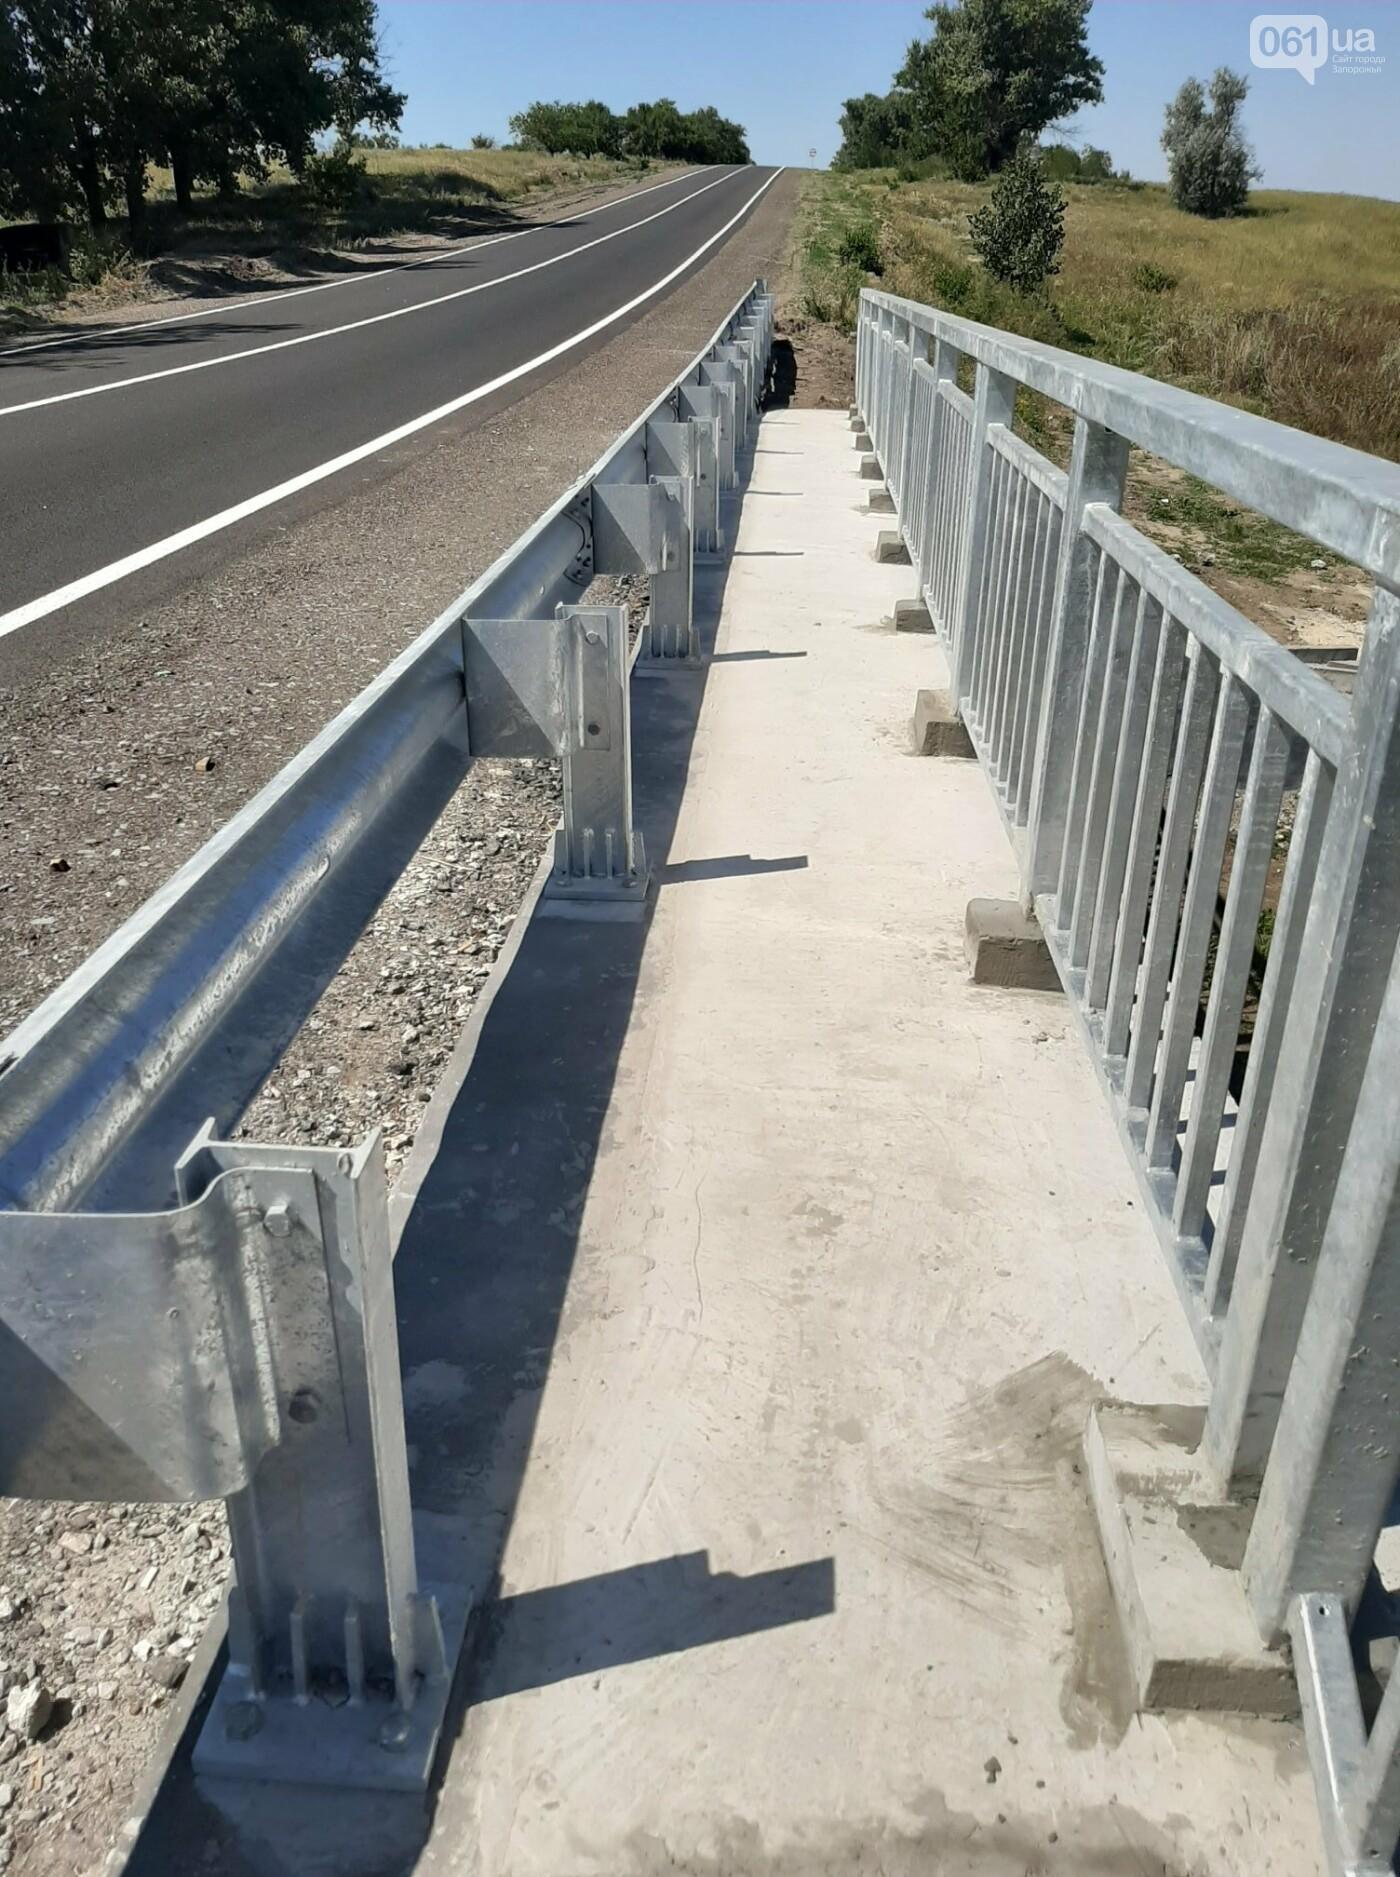 В Запорожской области на трассе Васильевка-Бердянск отремонтировали 12-метровый мост , фото-2